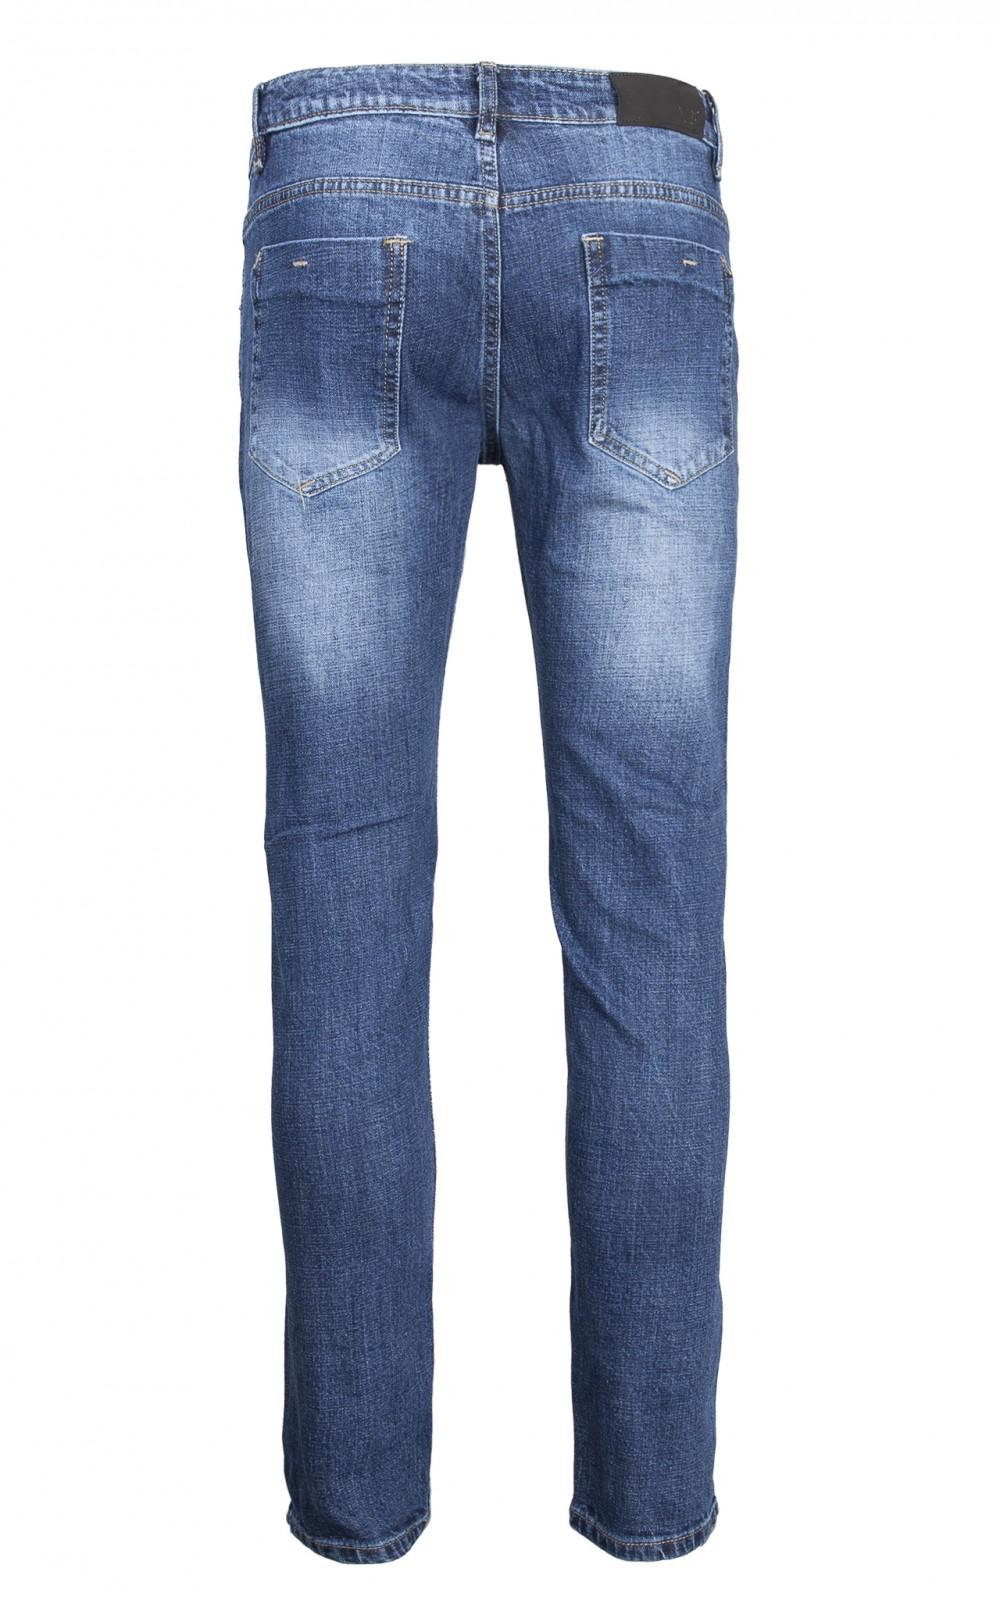 Quần jeans rách xanh đen qj1566 - 2